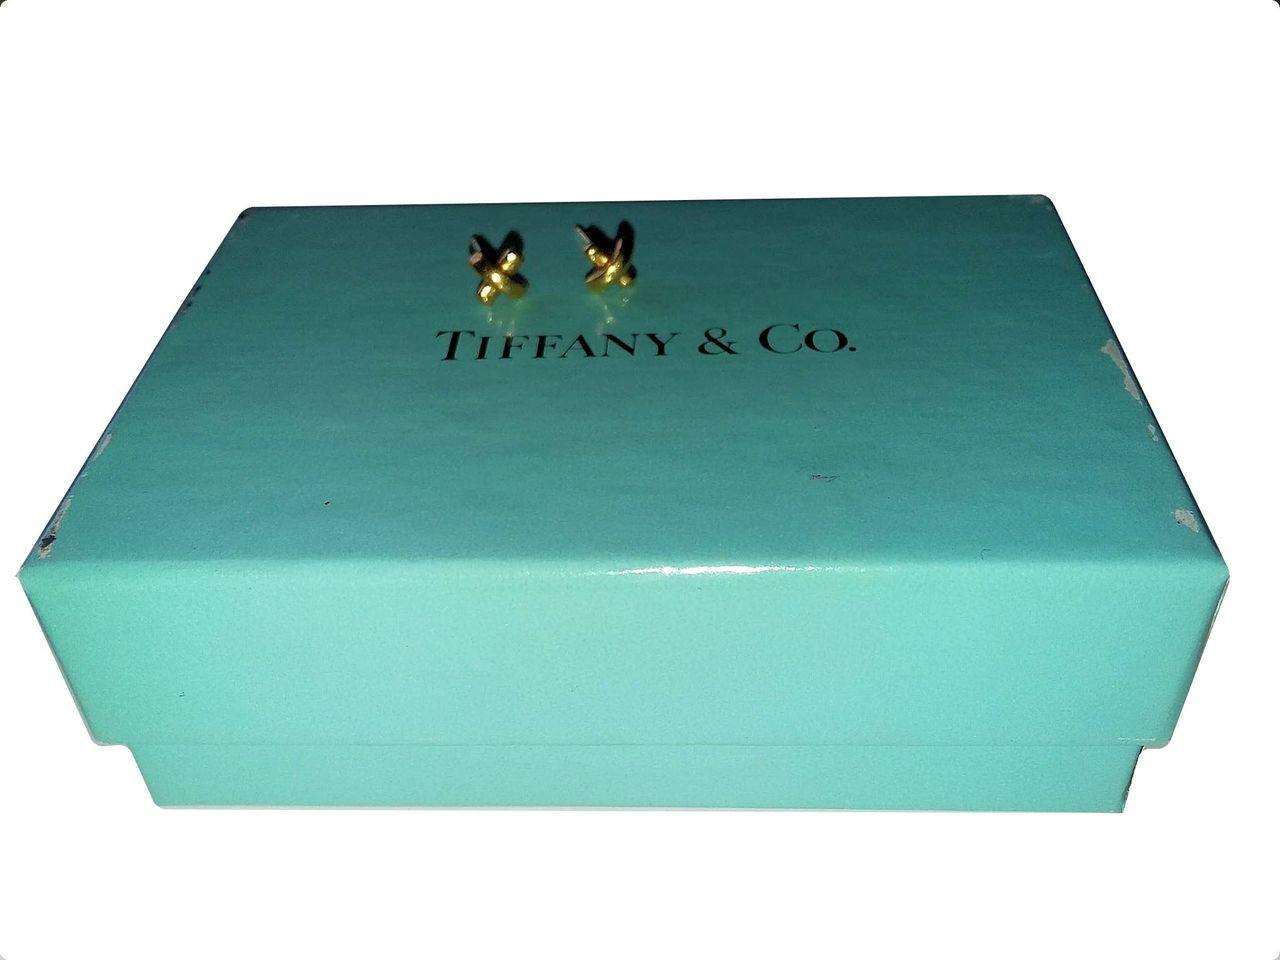 144e685d6 Tiffany & Co. Signature Mini